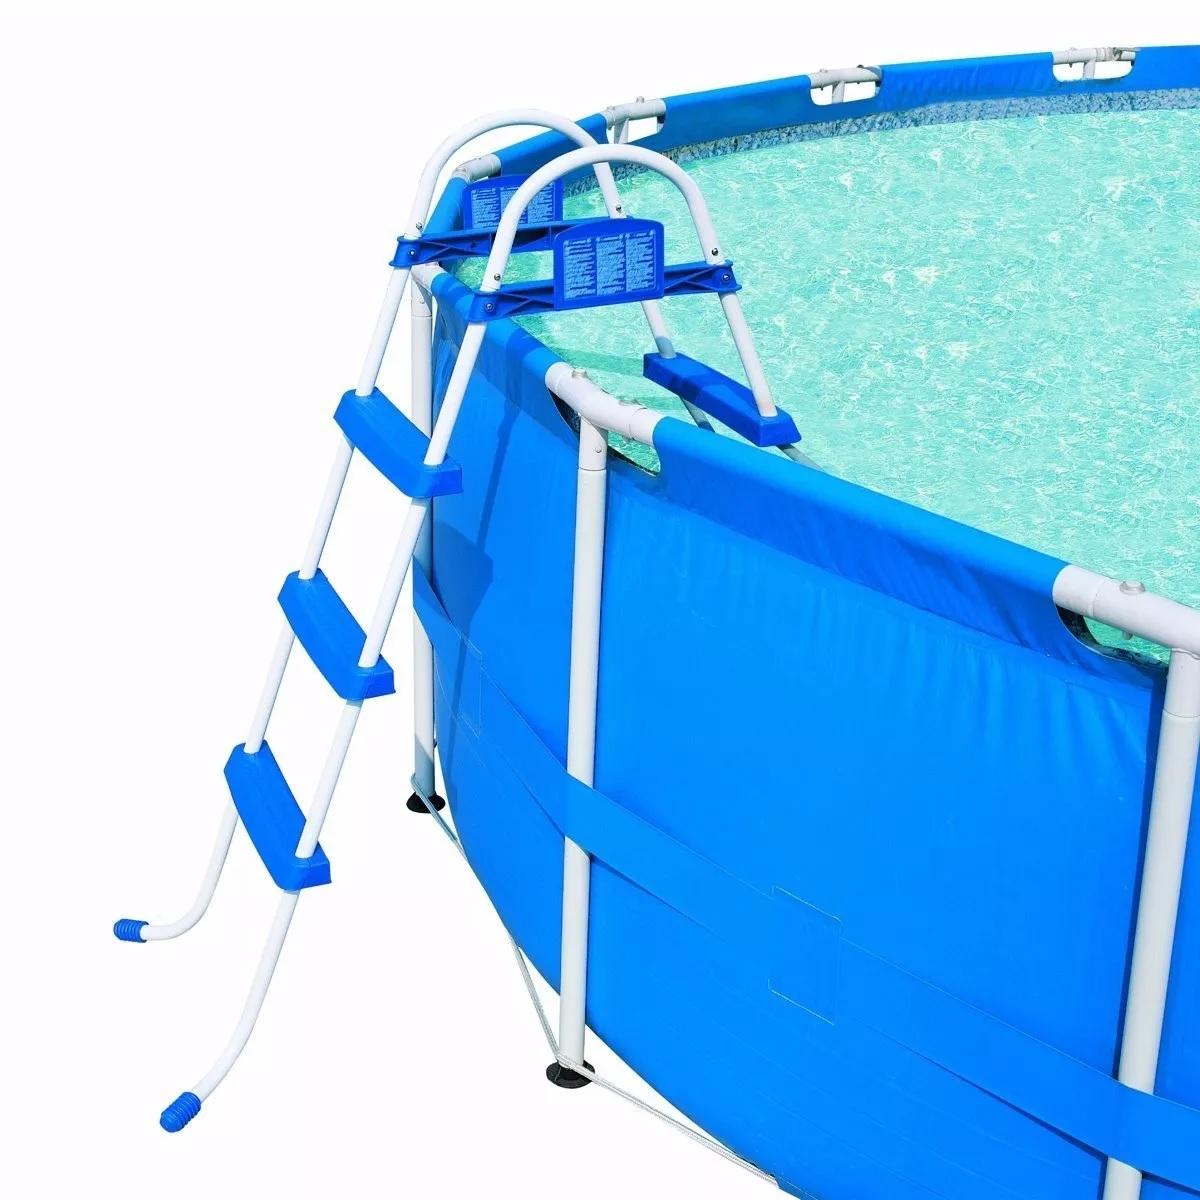 Escada para piscina bestway 107 cm de altura 42 58044 Piscinas bestway medidas